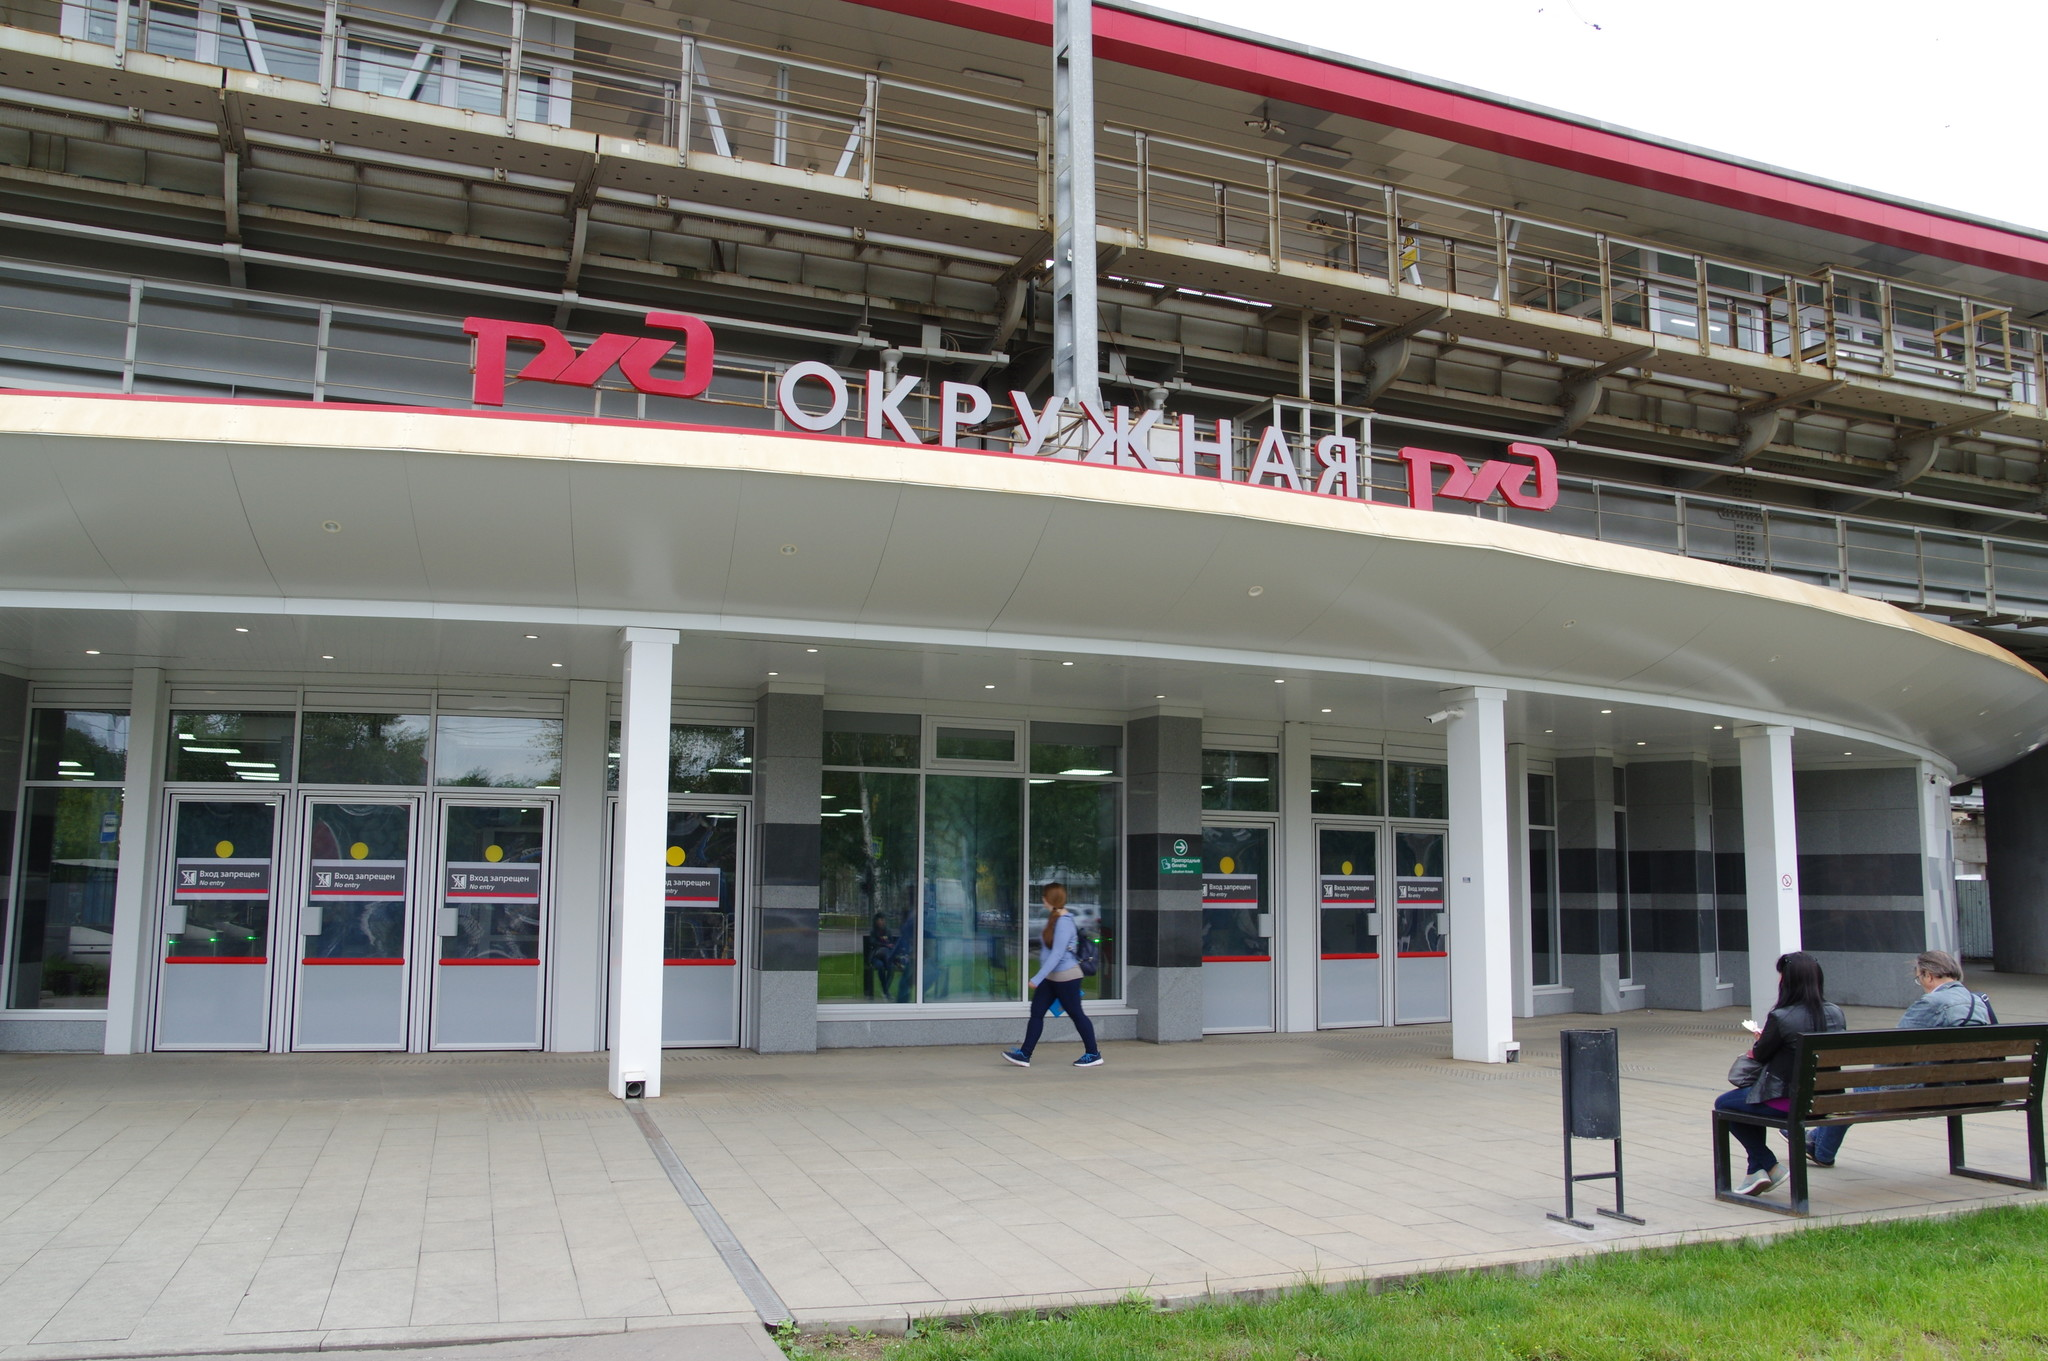 Платформа пригородного железнодорожного направления «Окружная»